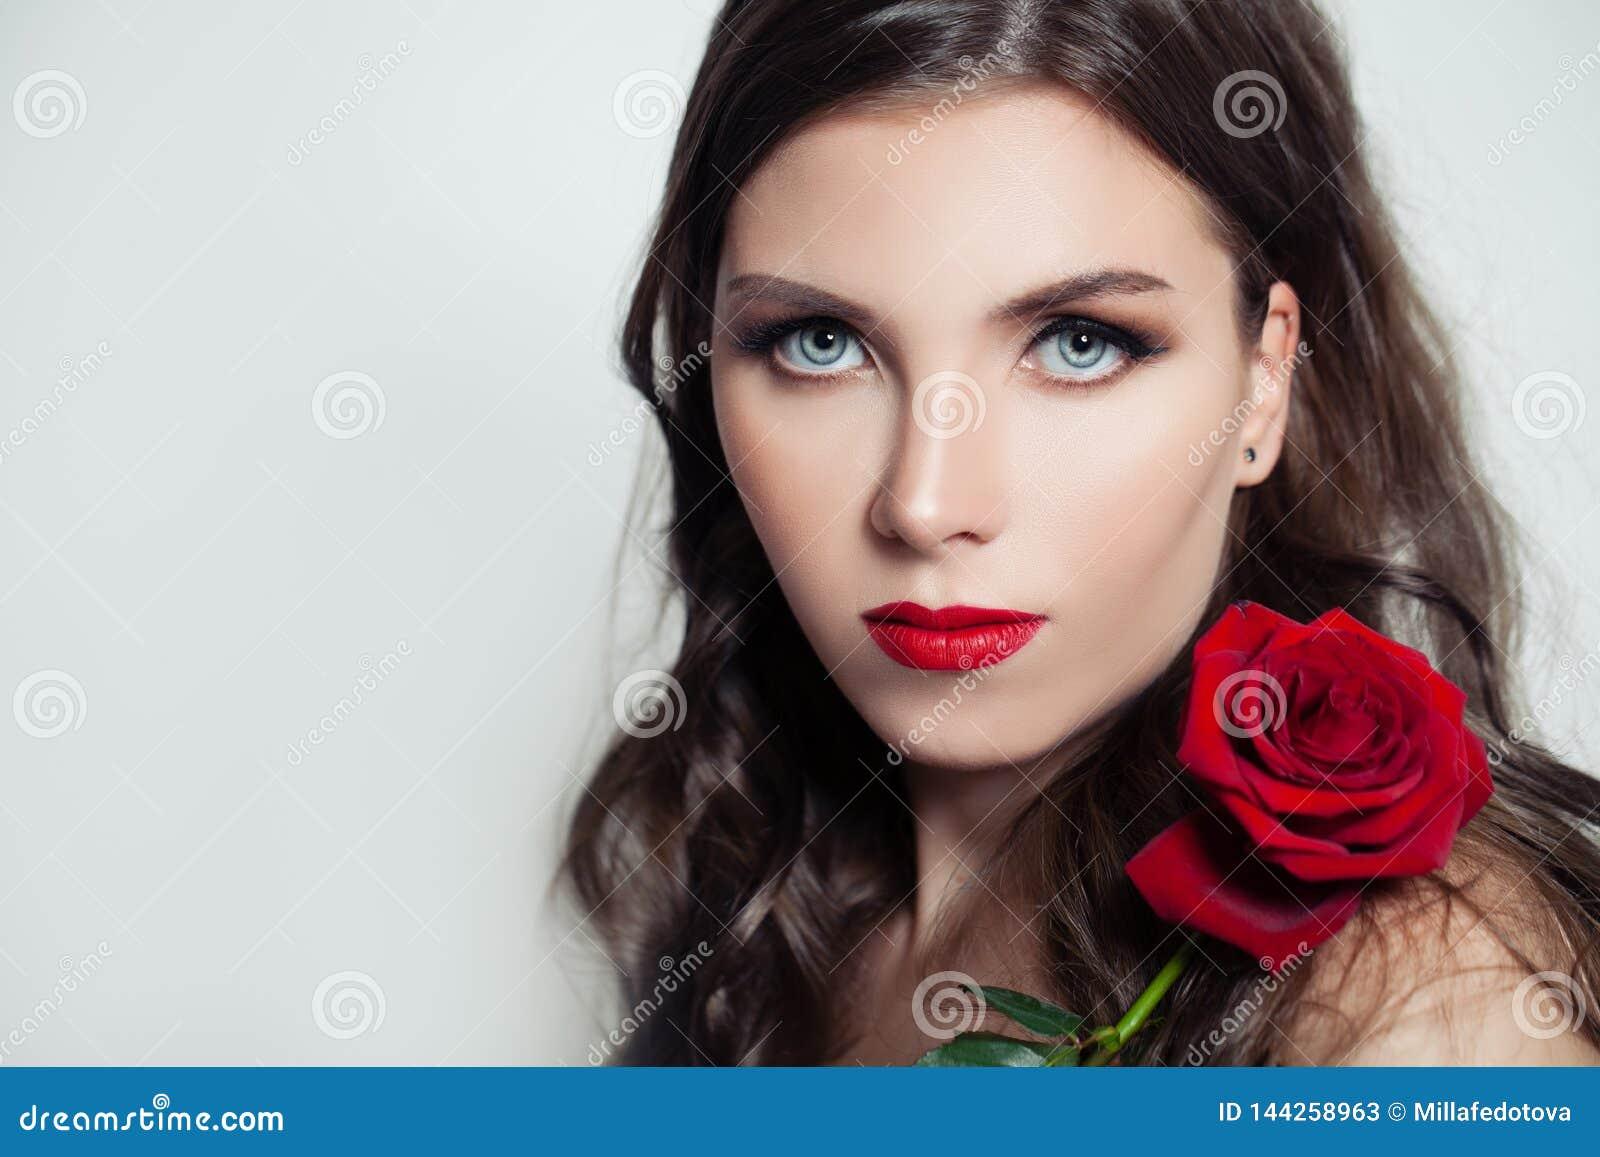 Mujer modelo linda con el maquillaje rojo de los labios que sostiene la flor color de rosa roja